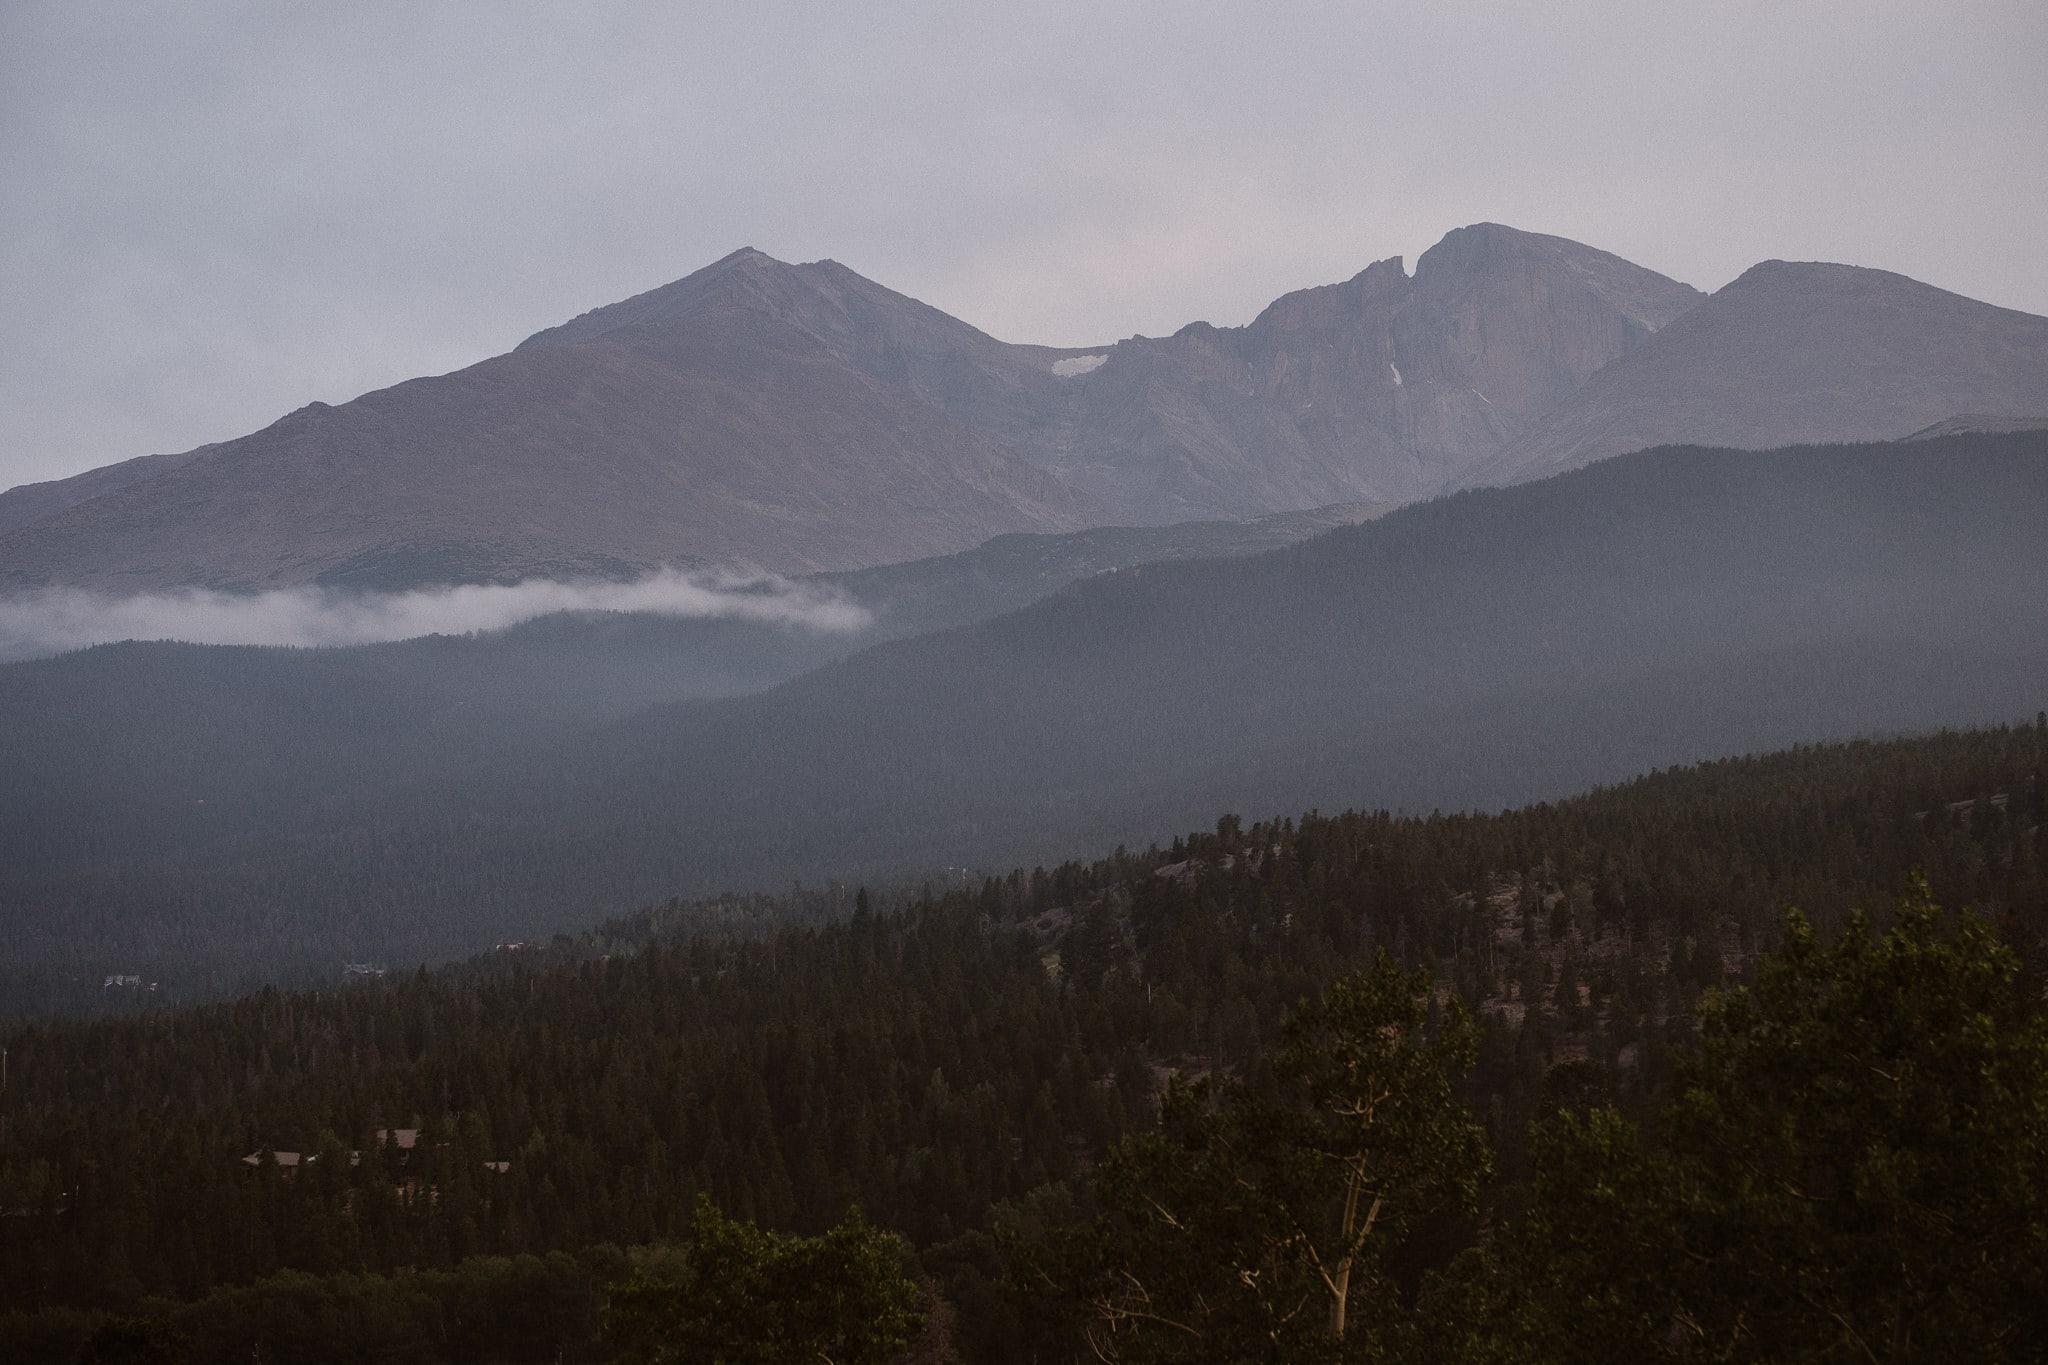 Dao House wedding photographer, Estes Park wedding venue, Colorado mountain wedding, Longs Peak, mountain views